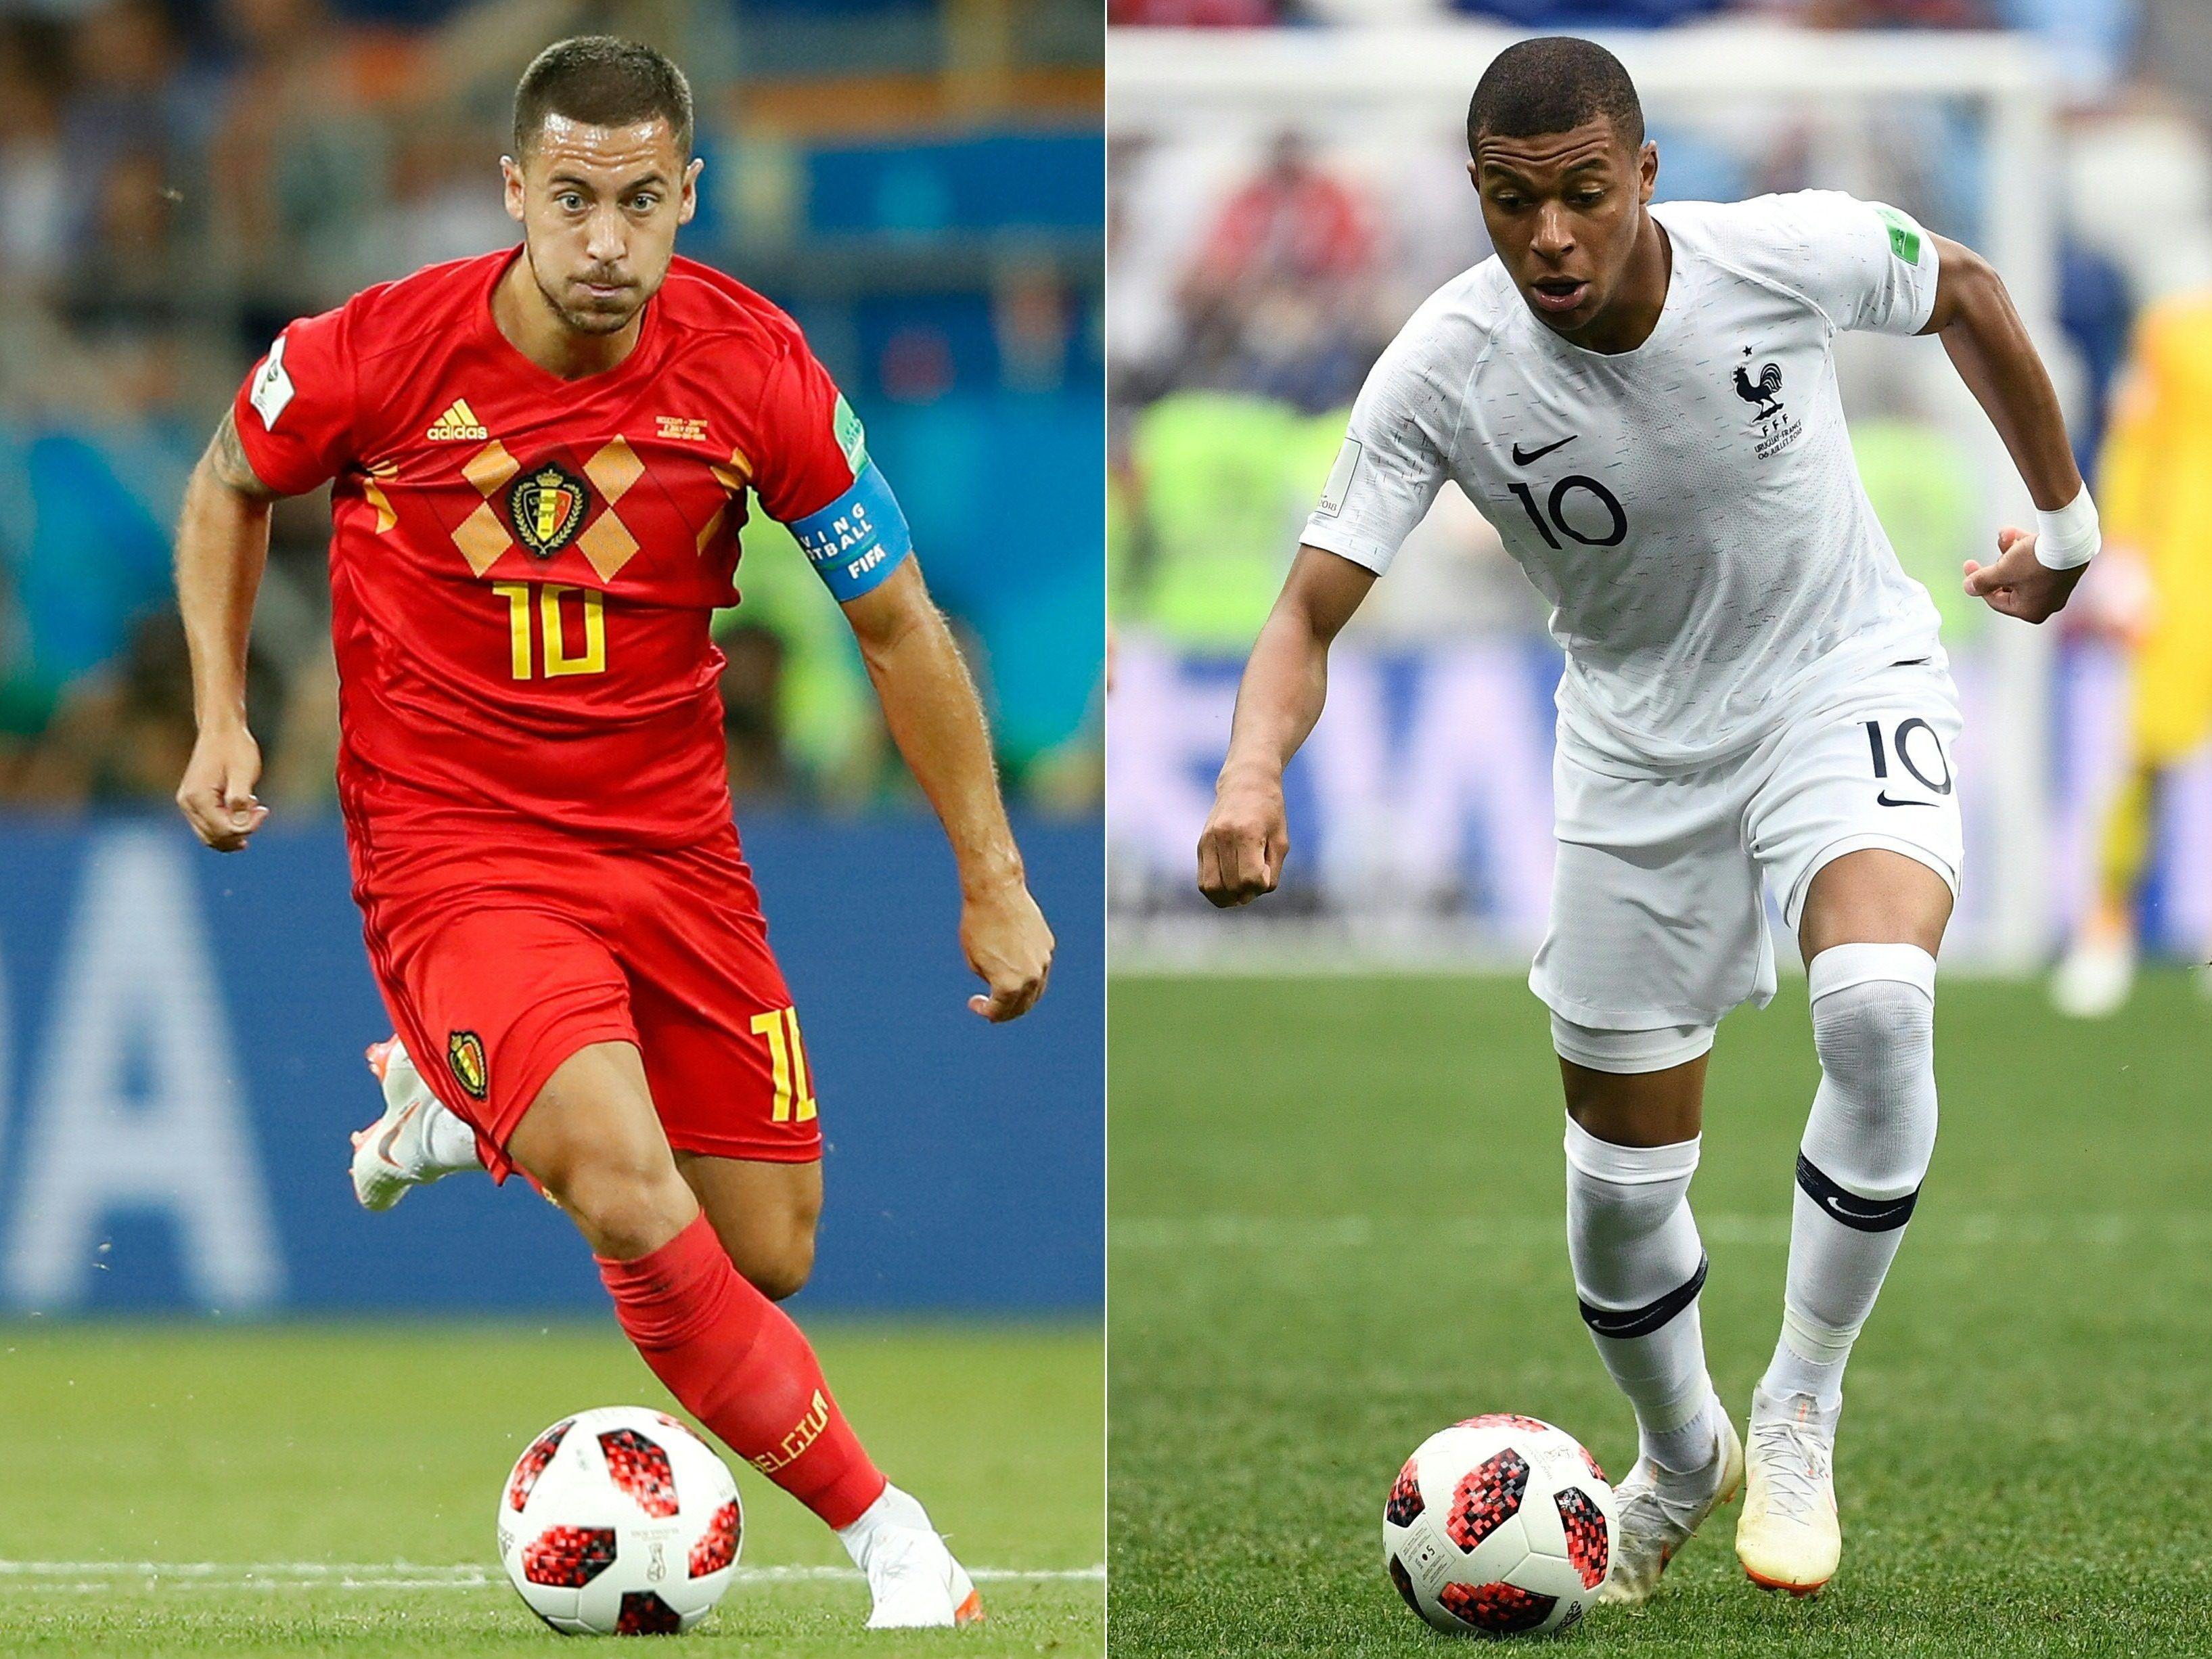 Hier Sehen Sie Das Wm Halbfinale Zwischen Frankreich Und Belgien Im Live Stream Und